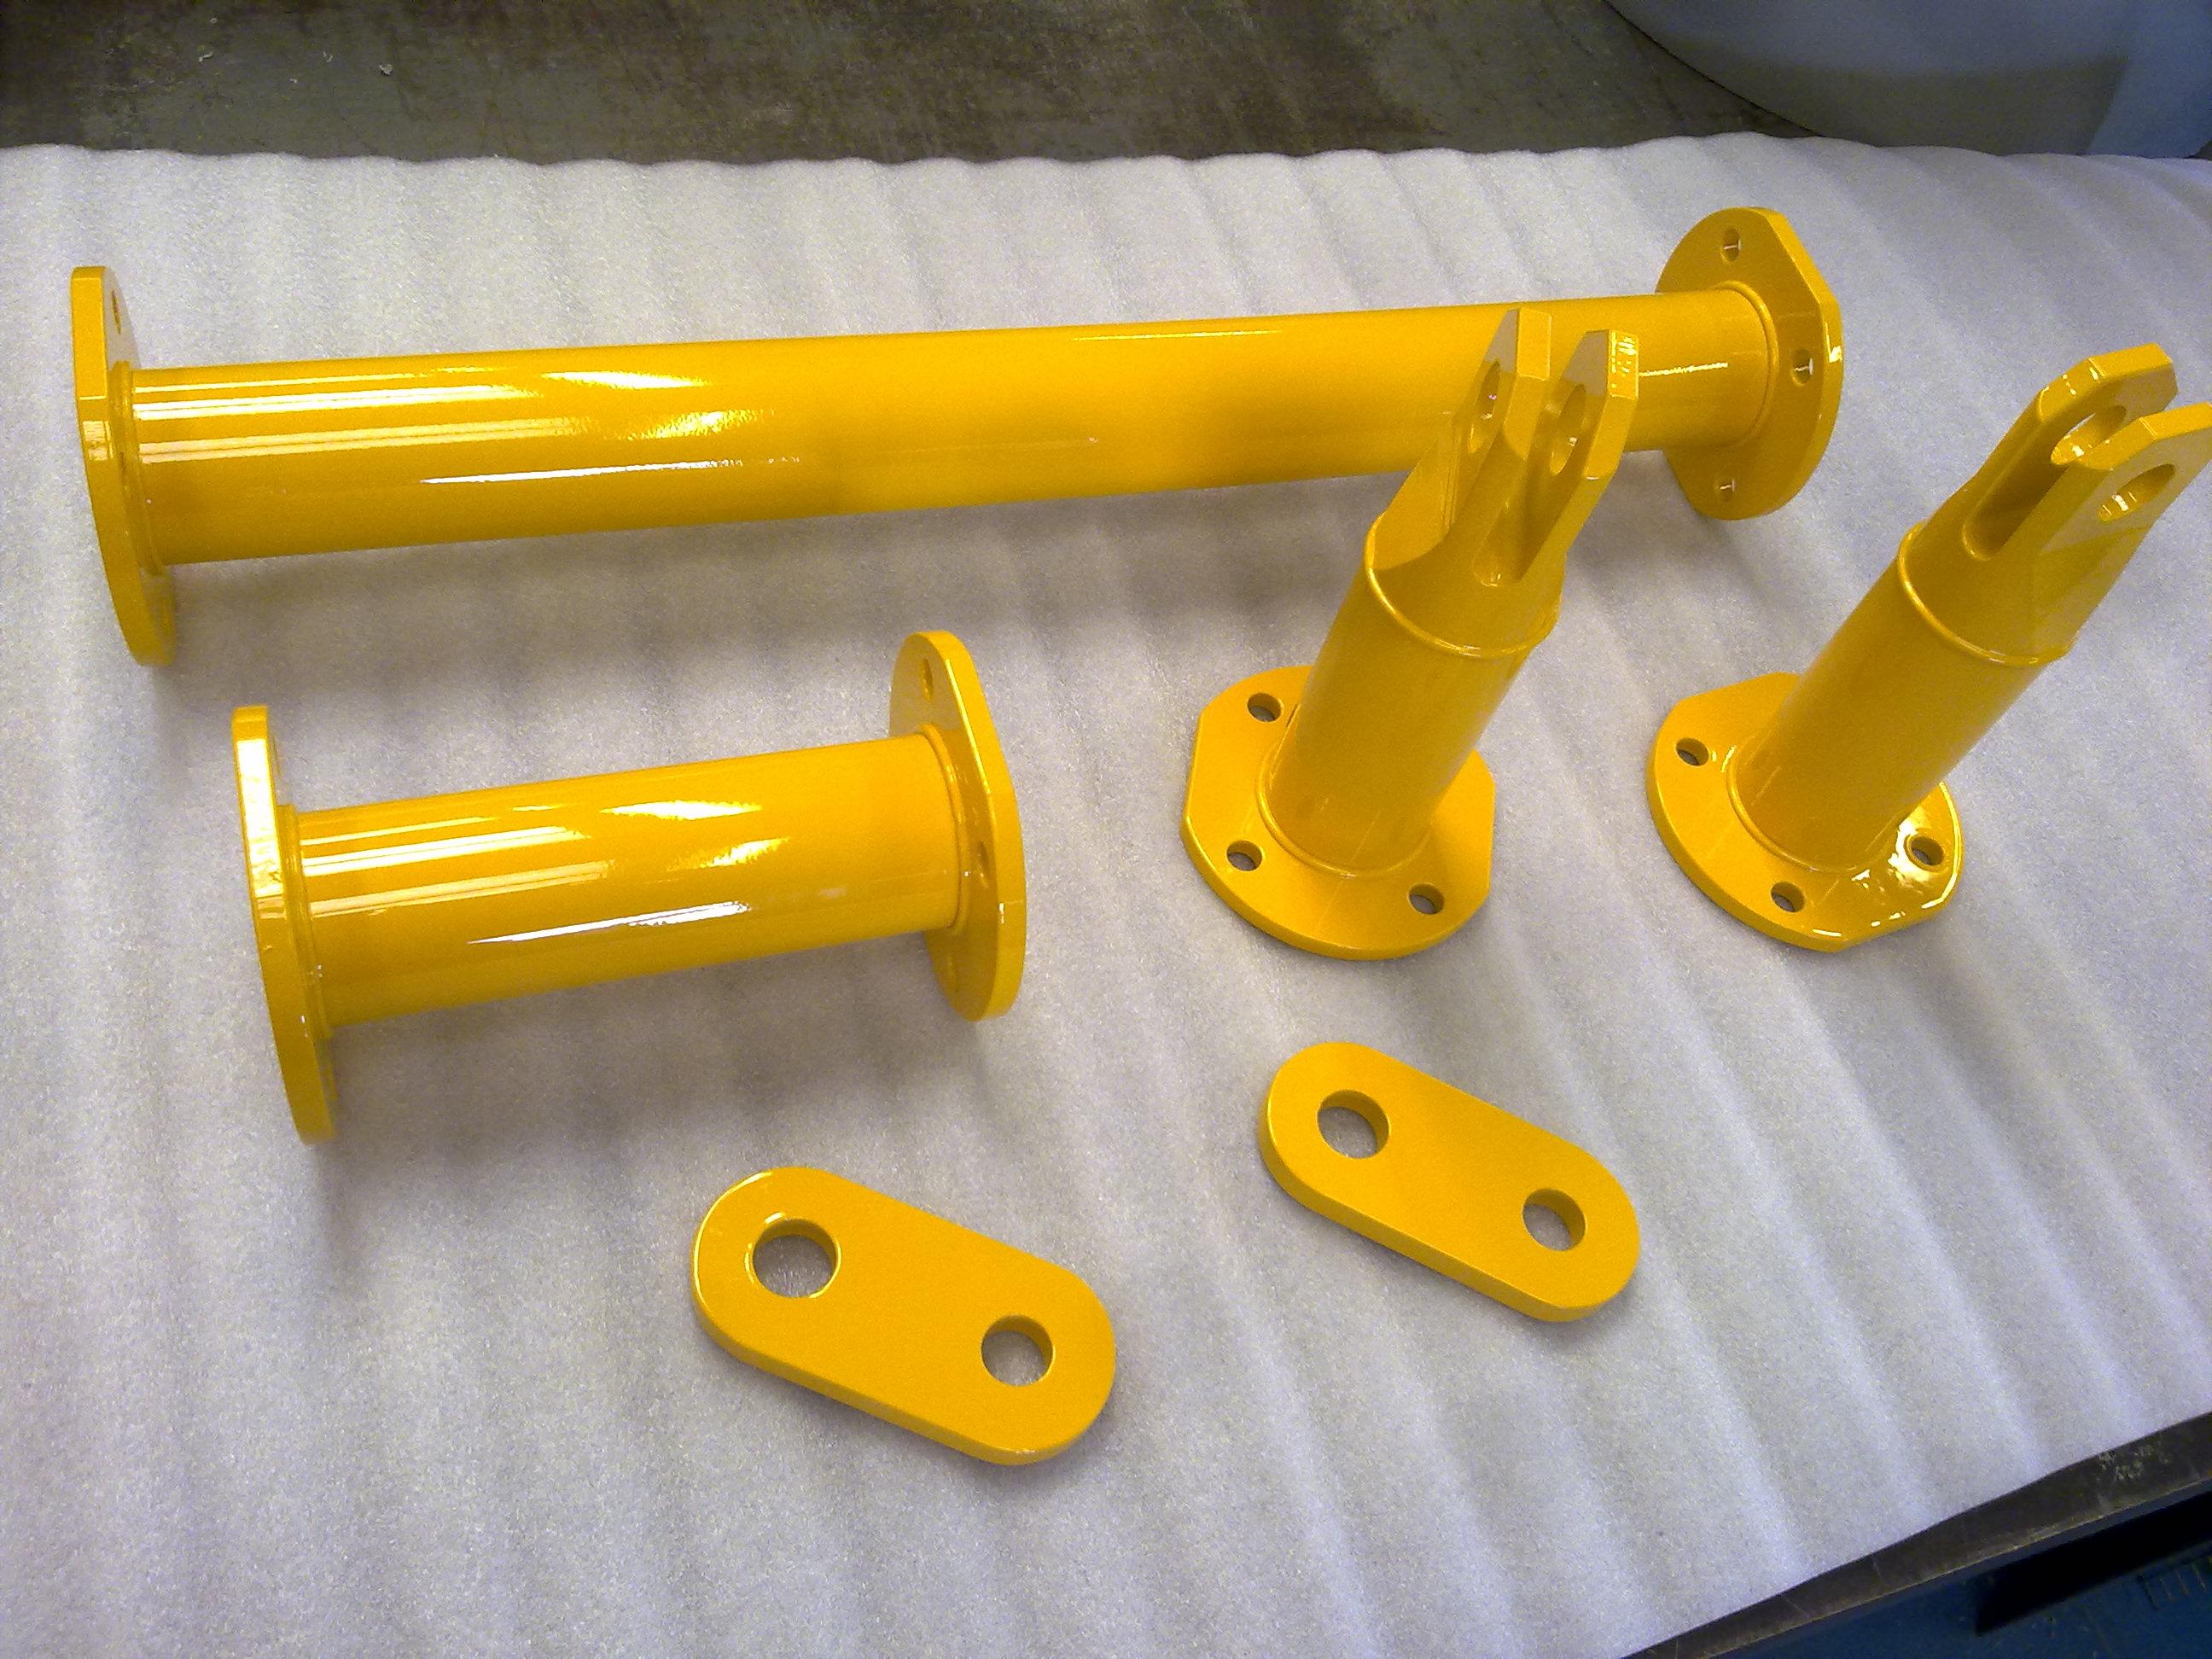 10 Beckox bespoken equipment Beckox bespoken equipment 10